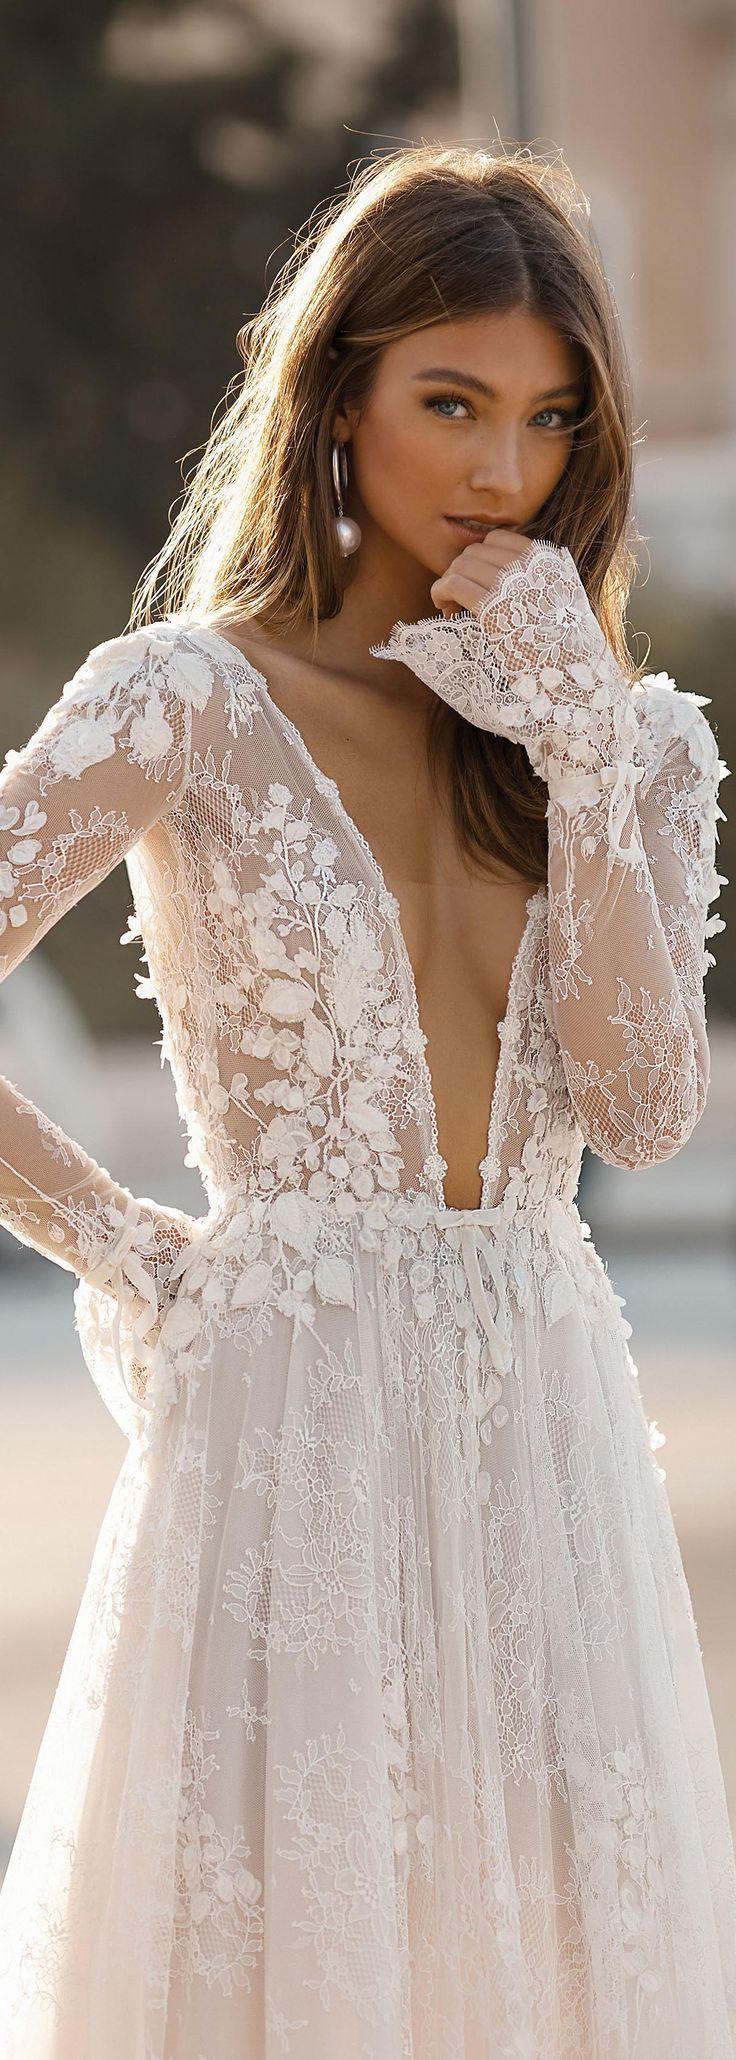 Hochzeitskleid Brautkleider, Hochzeitskleider 2019